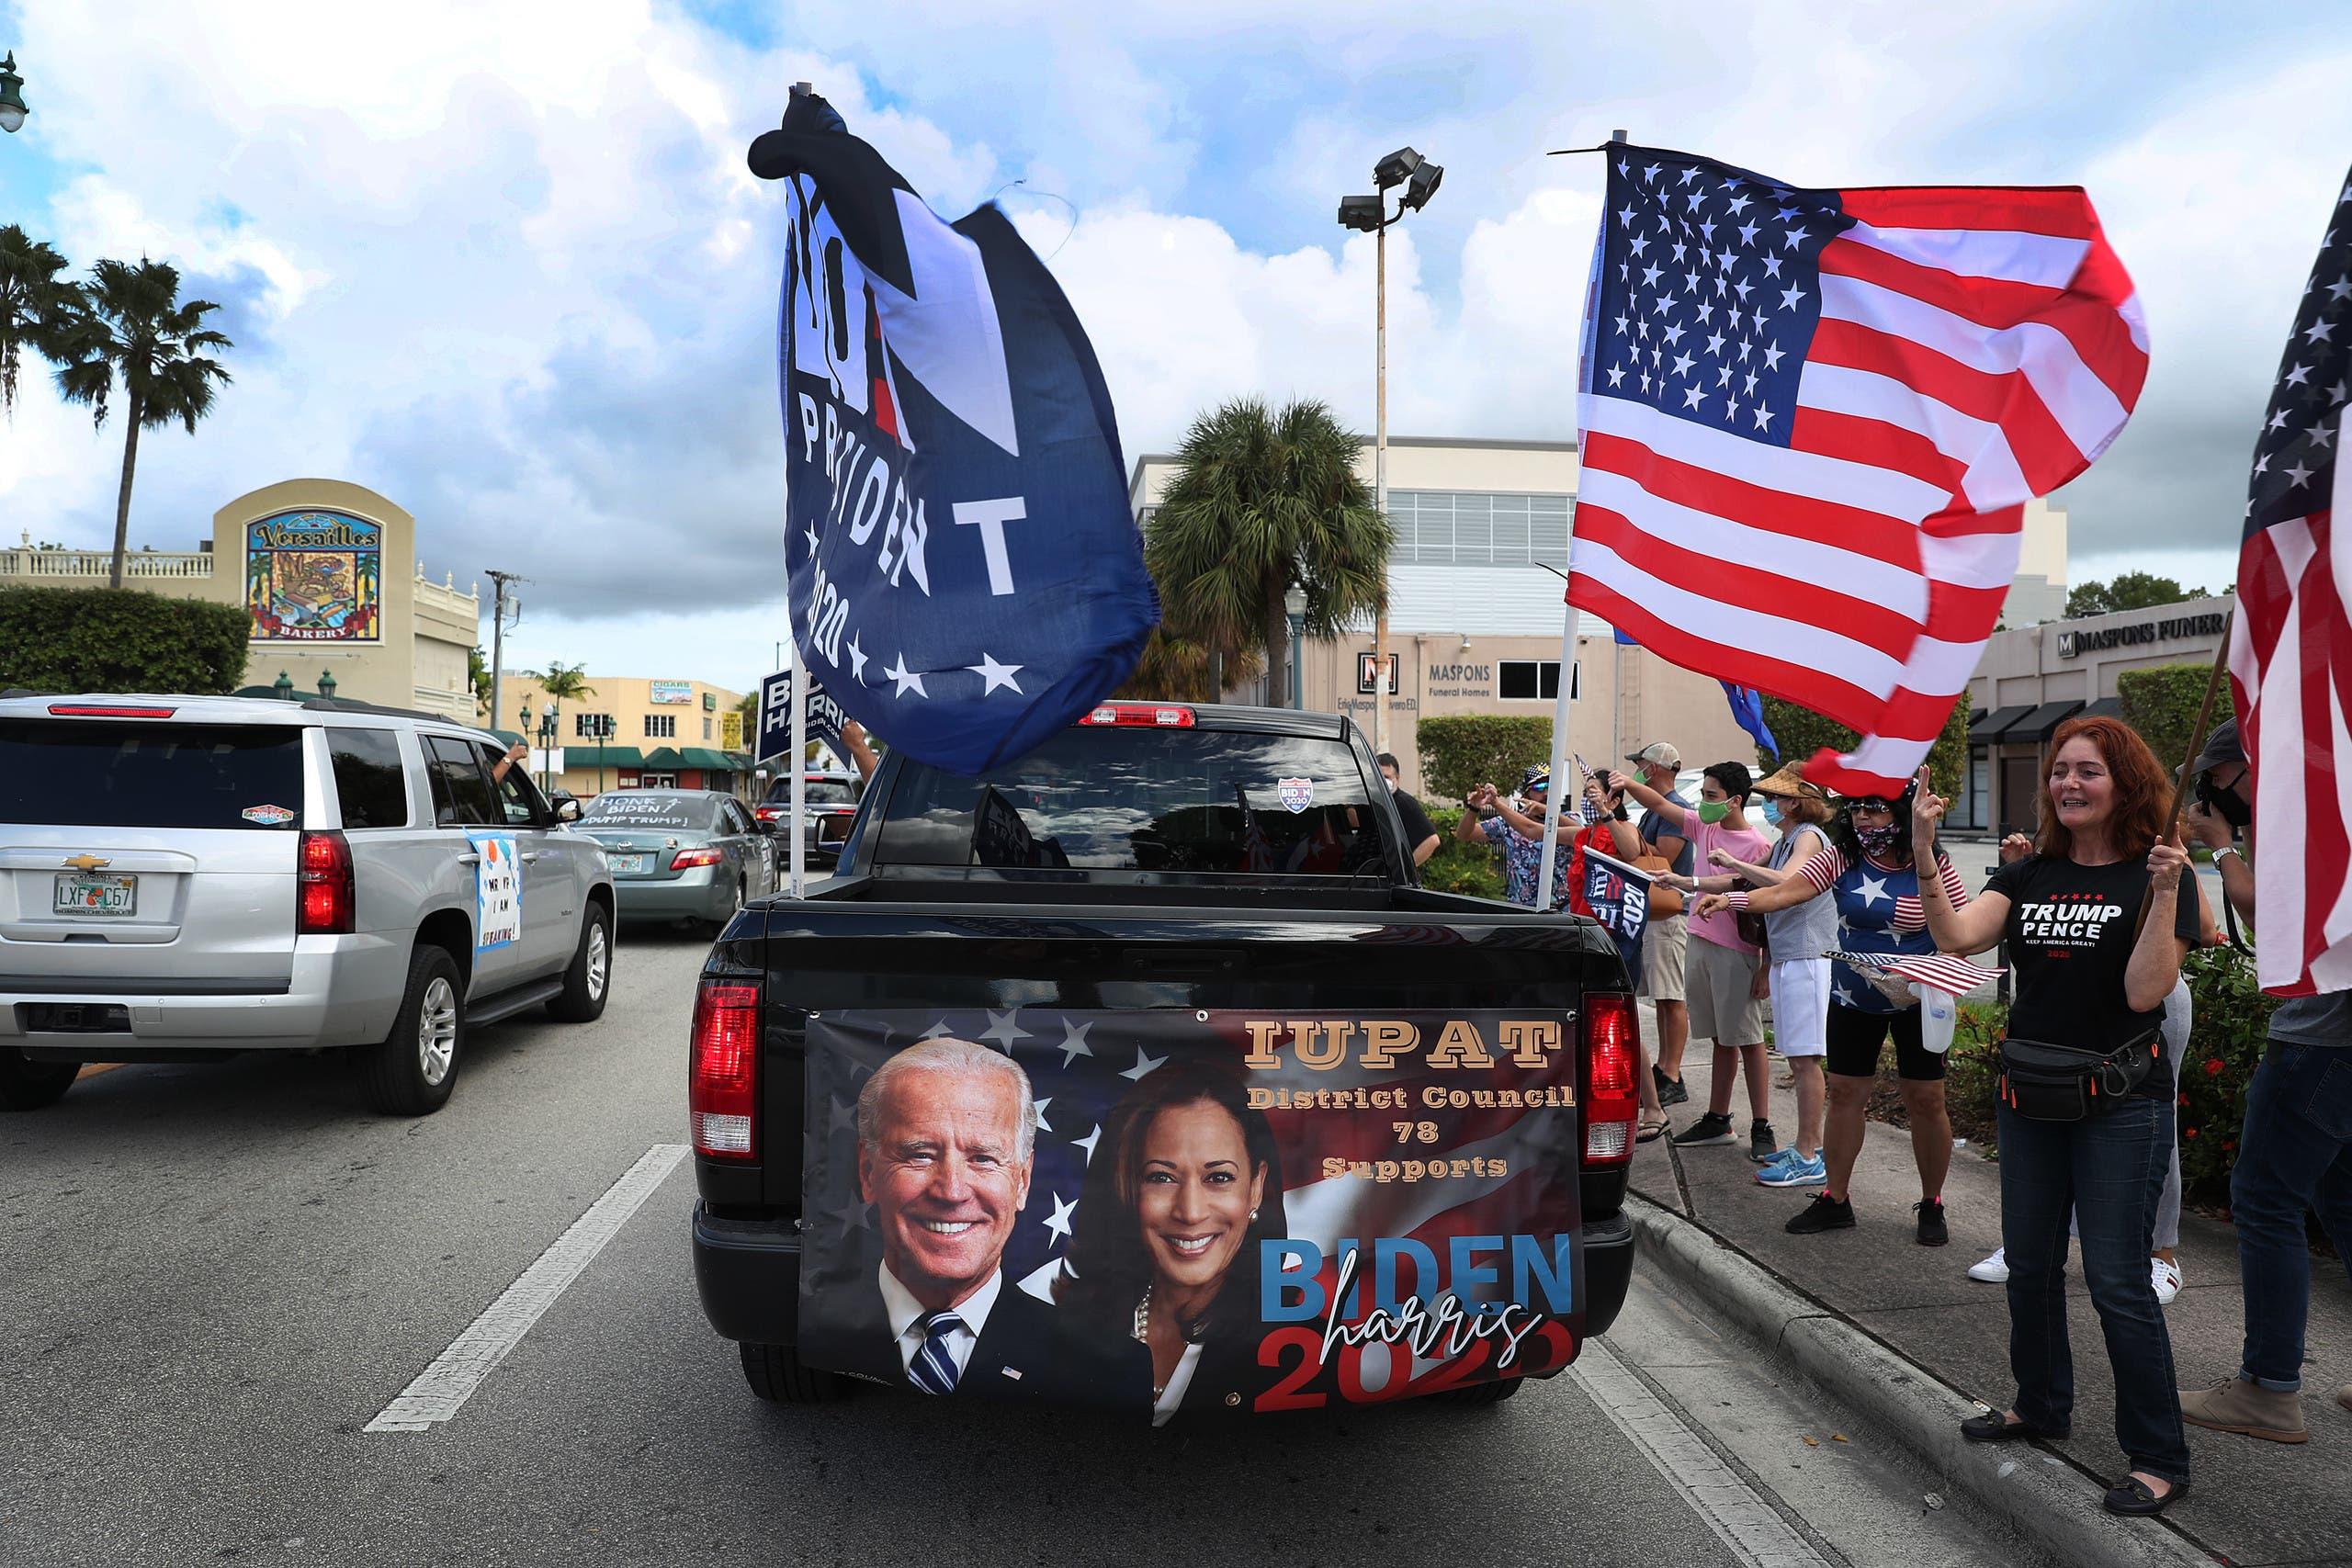 قافلة لمناصري بايدن في فلوريدا